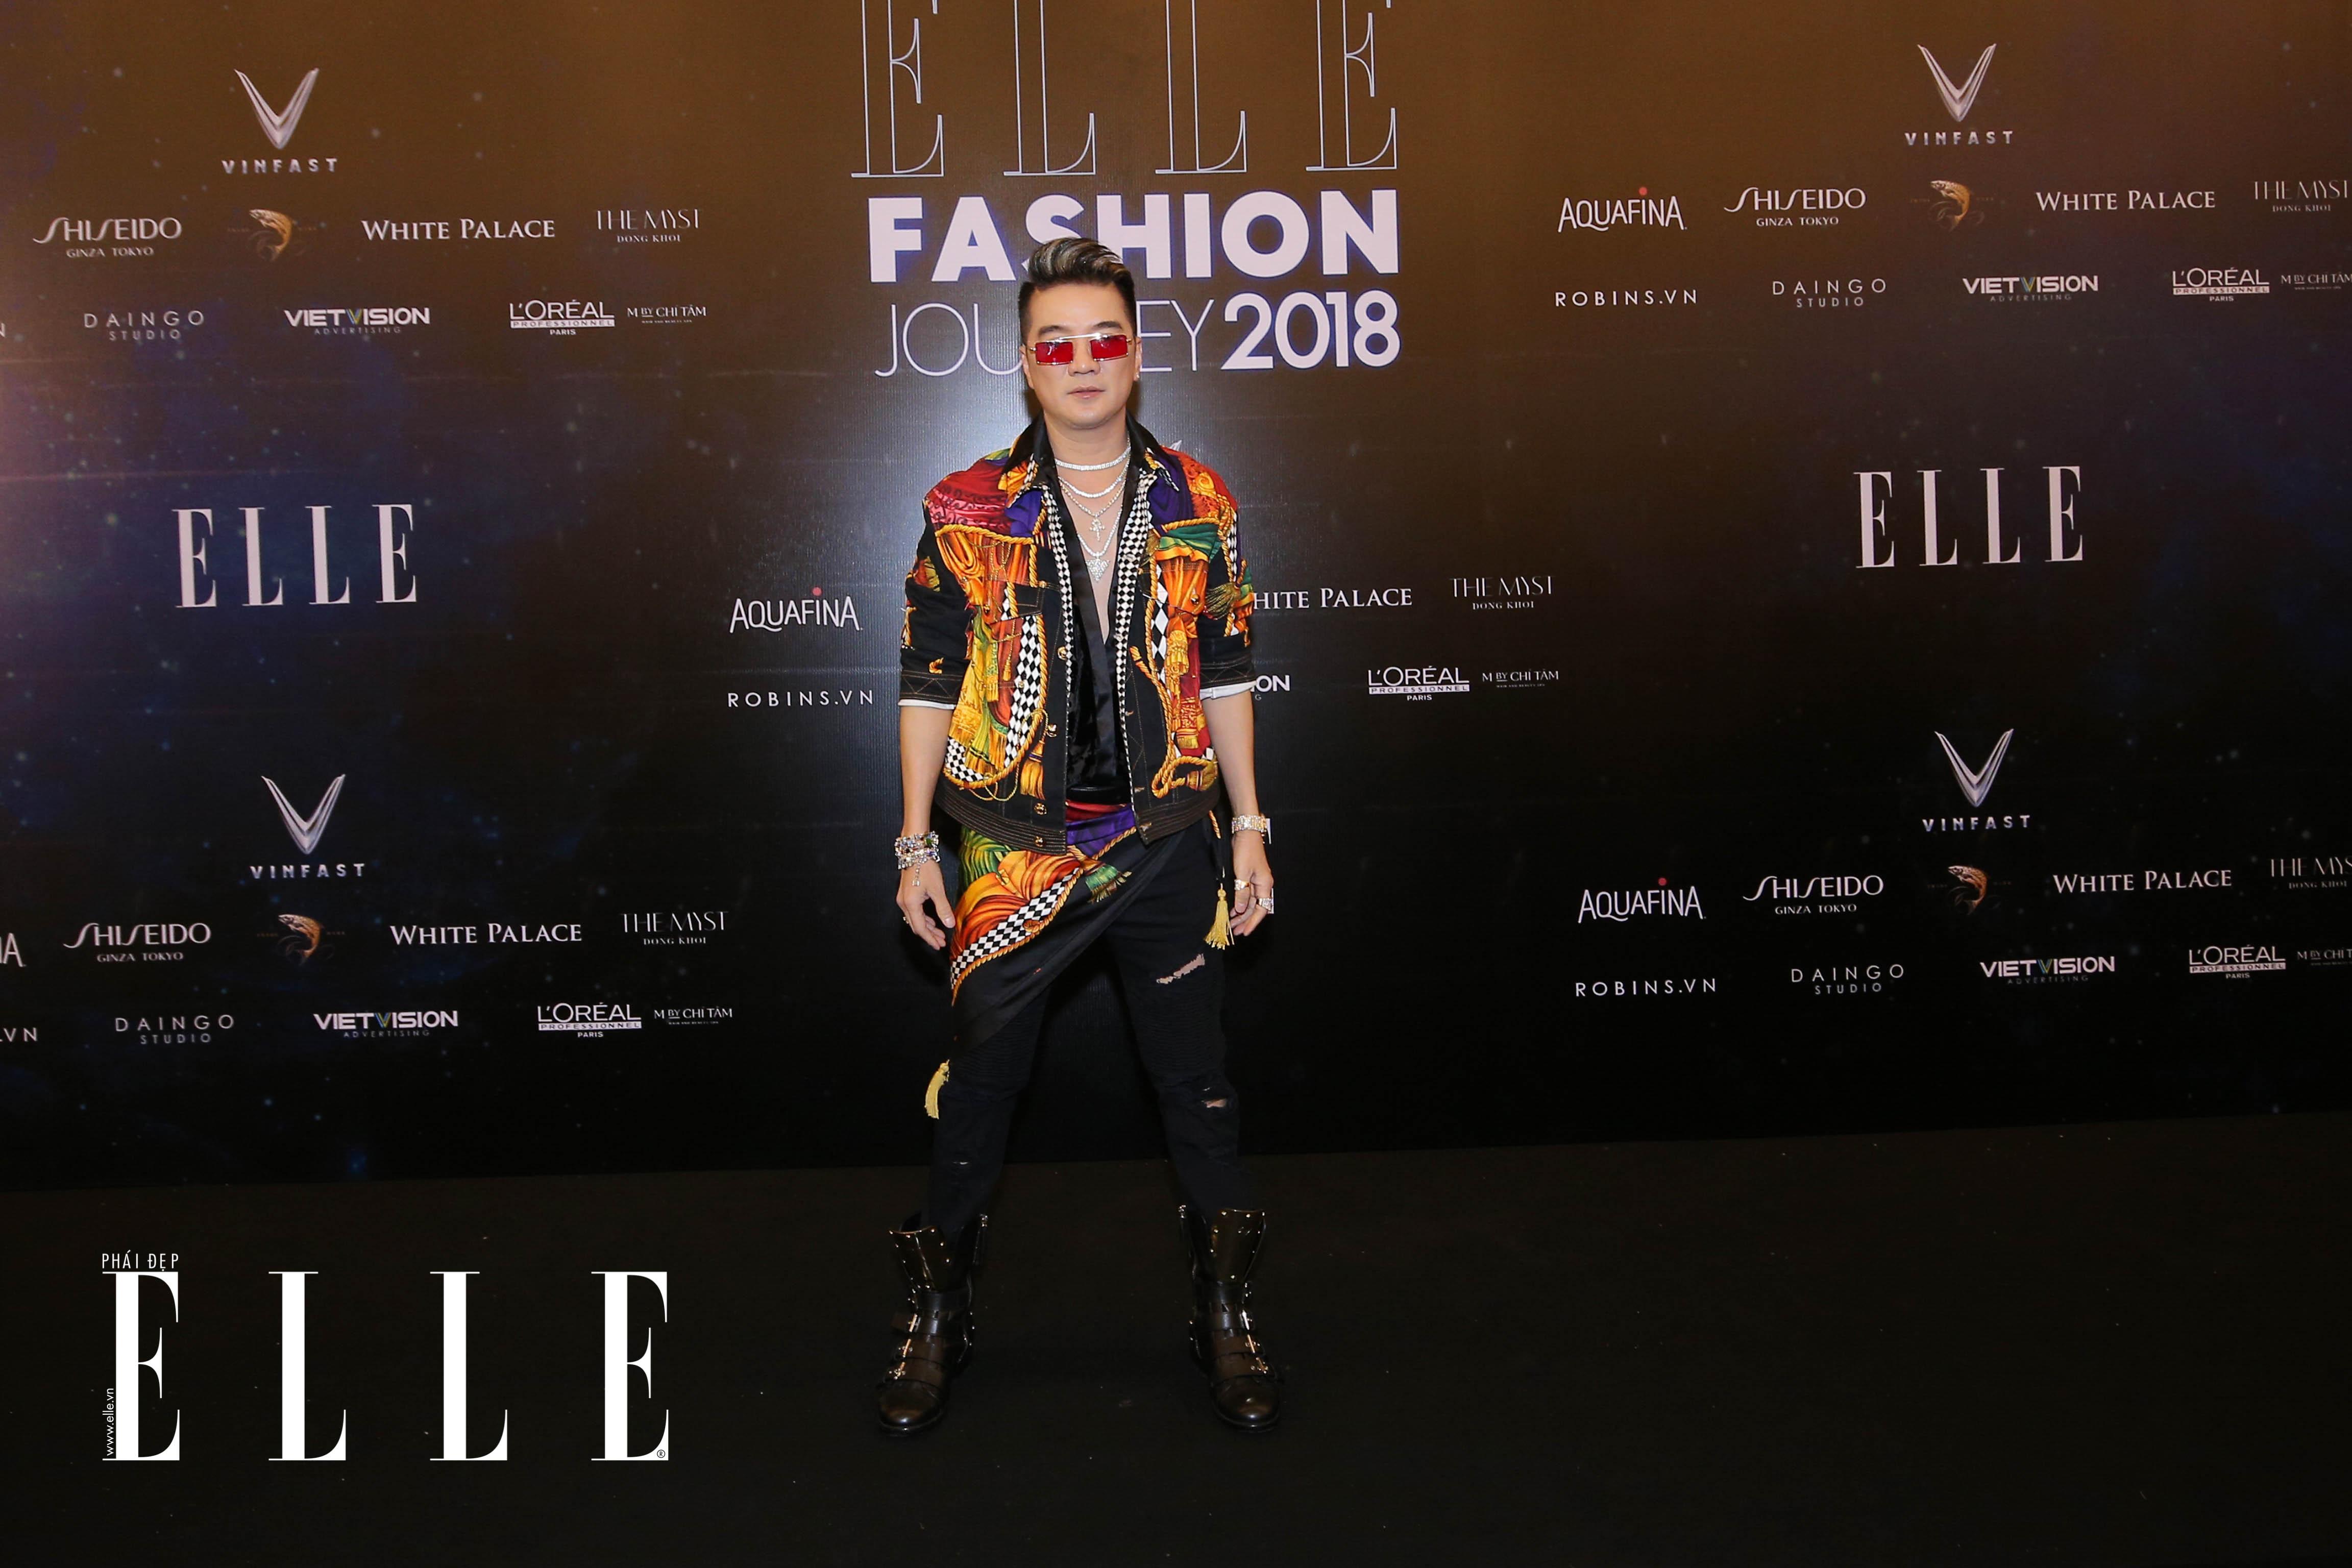 elle fashion journey 2018 - elle man - 8